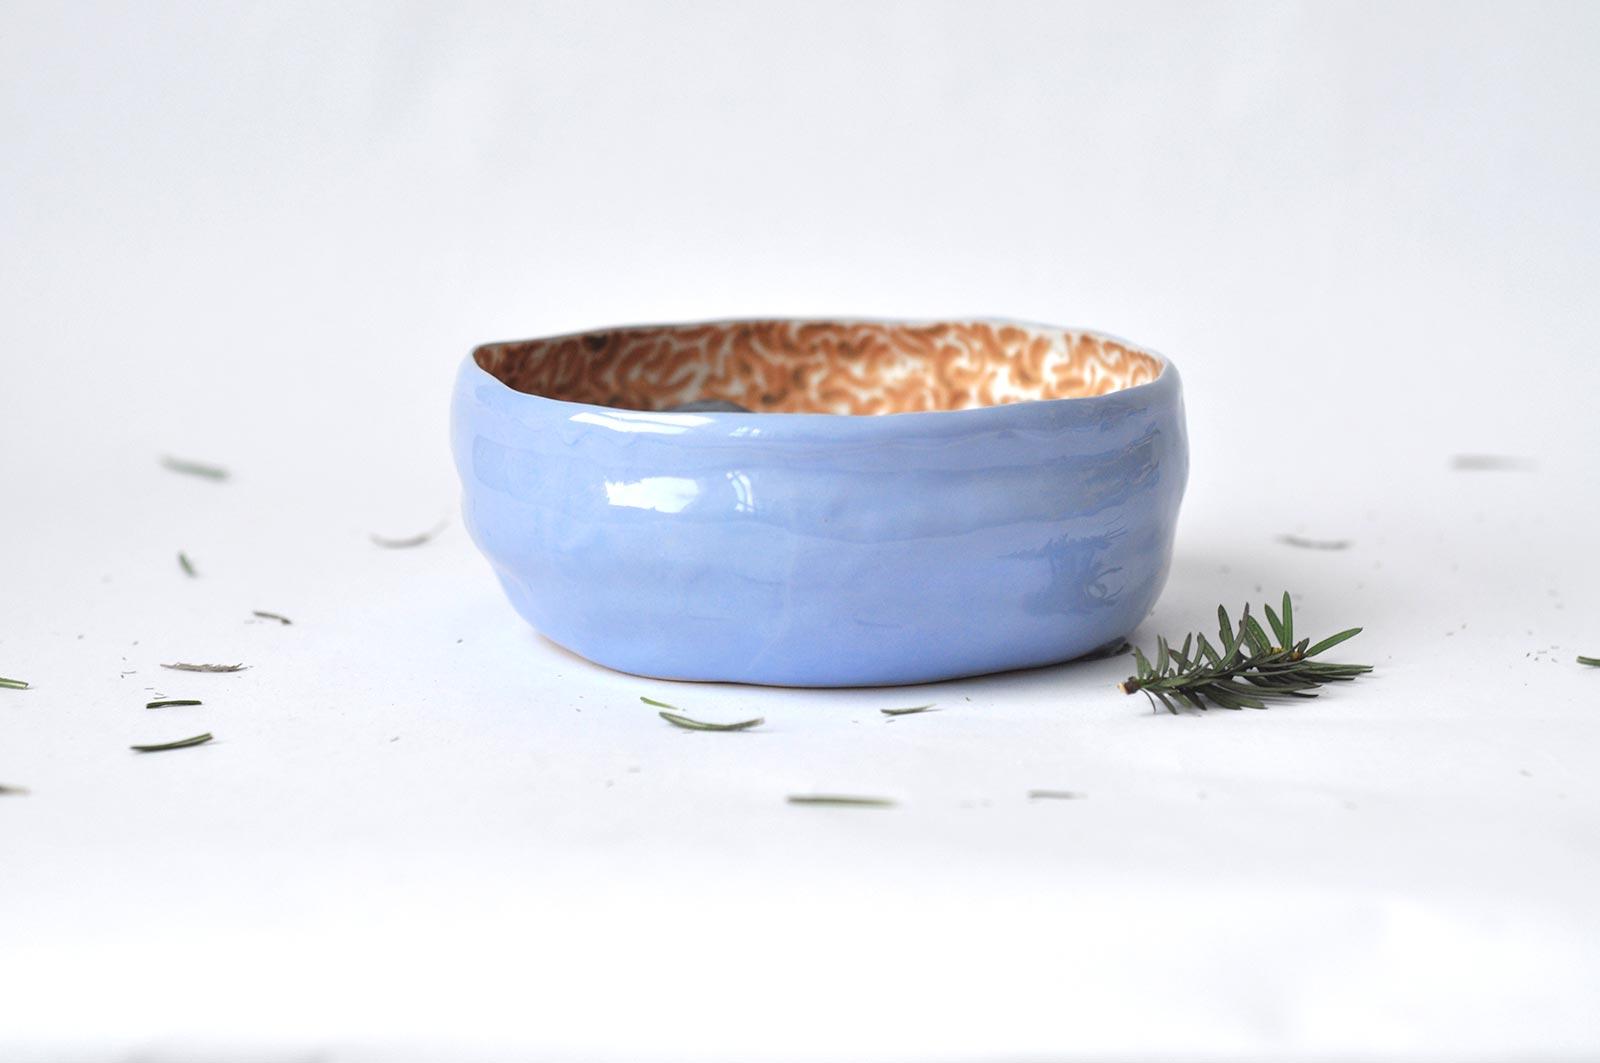 Вид сбоку - Большая керамическая тарелка (Ручная работа)